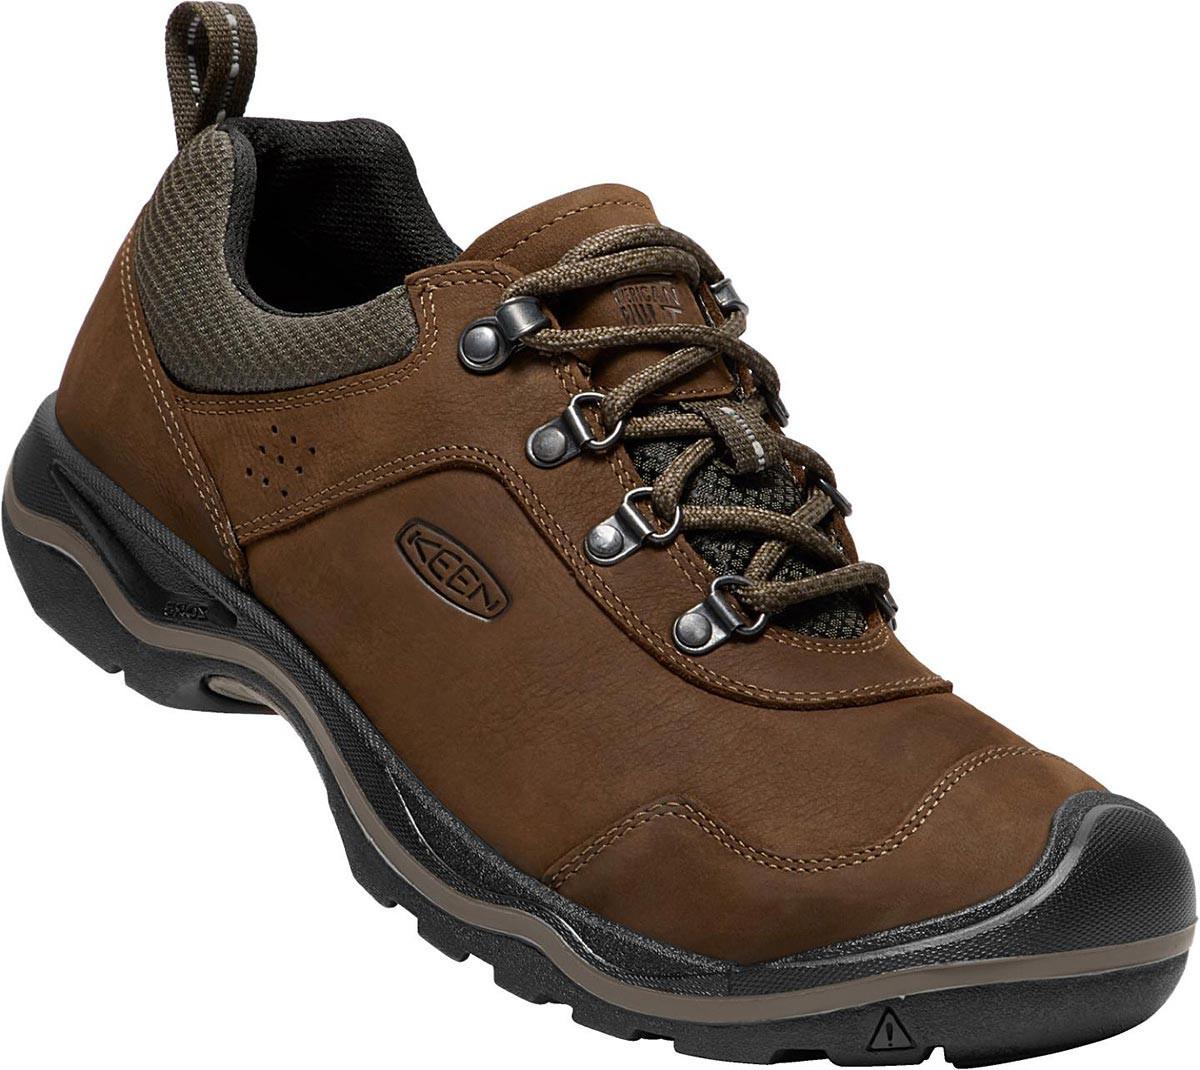 Dansko Shoes Size  Lace Up